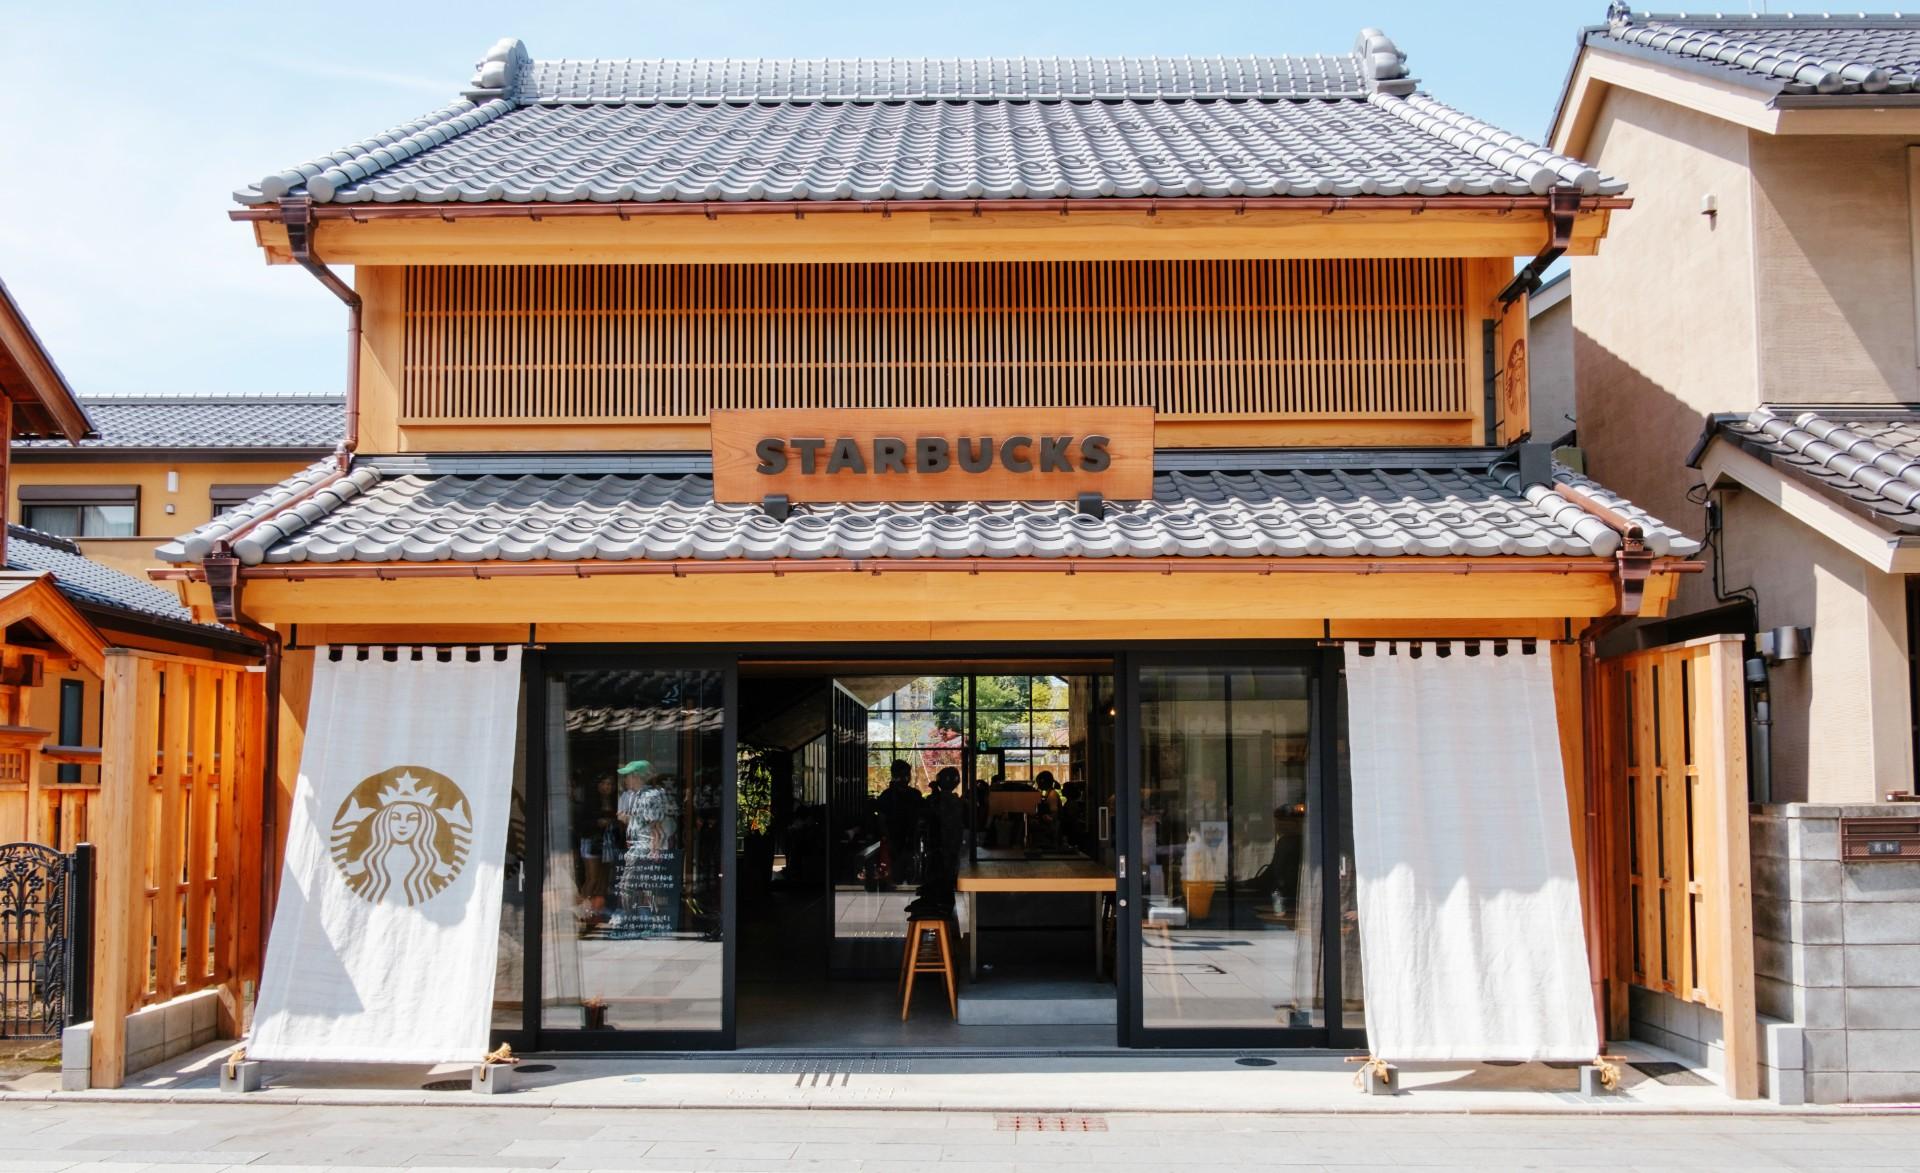 Hanya di Jepang! 6 Kafe Starbucks Indah dengan Arsitektur ...